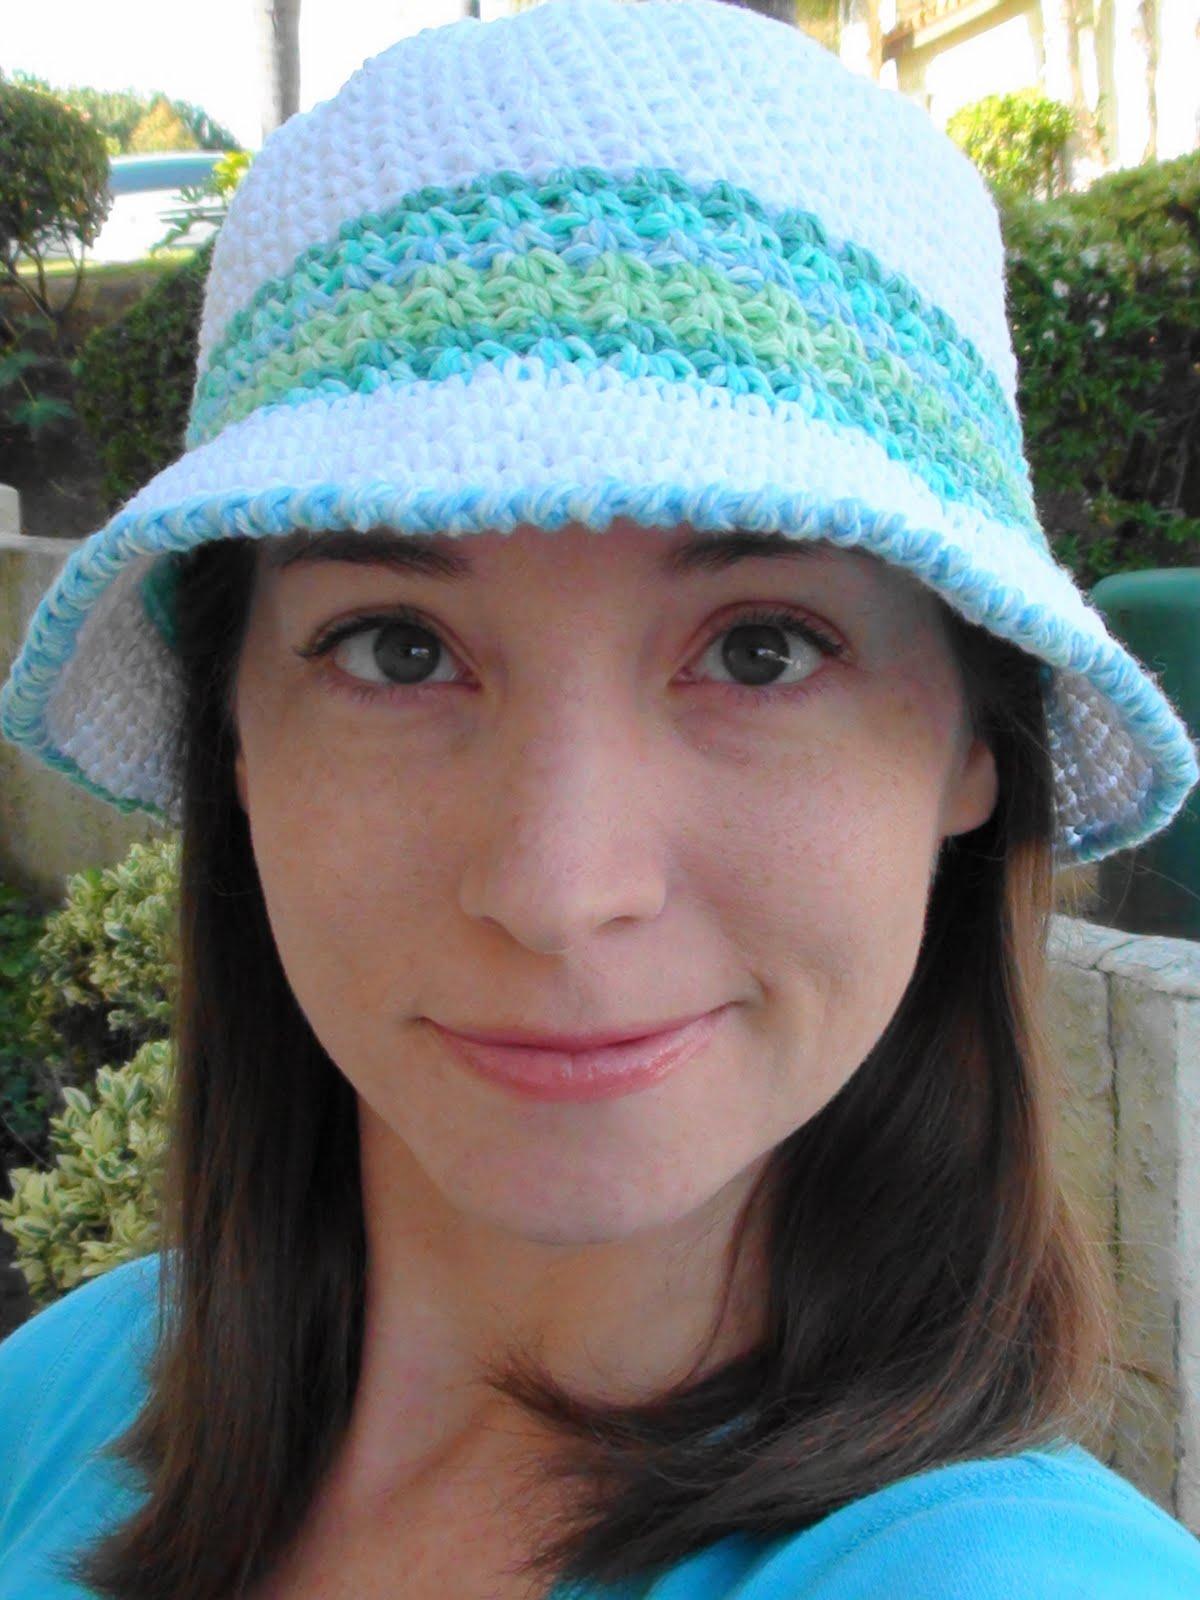 Crochet Summer Hats - 8 Free Patterns! - Pink Mambo